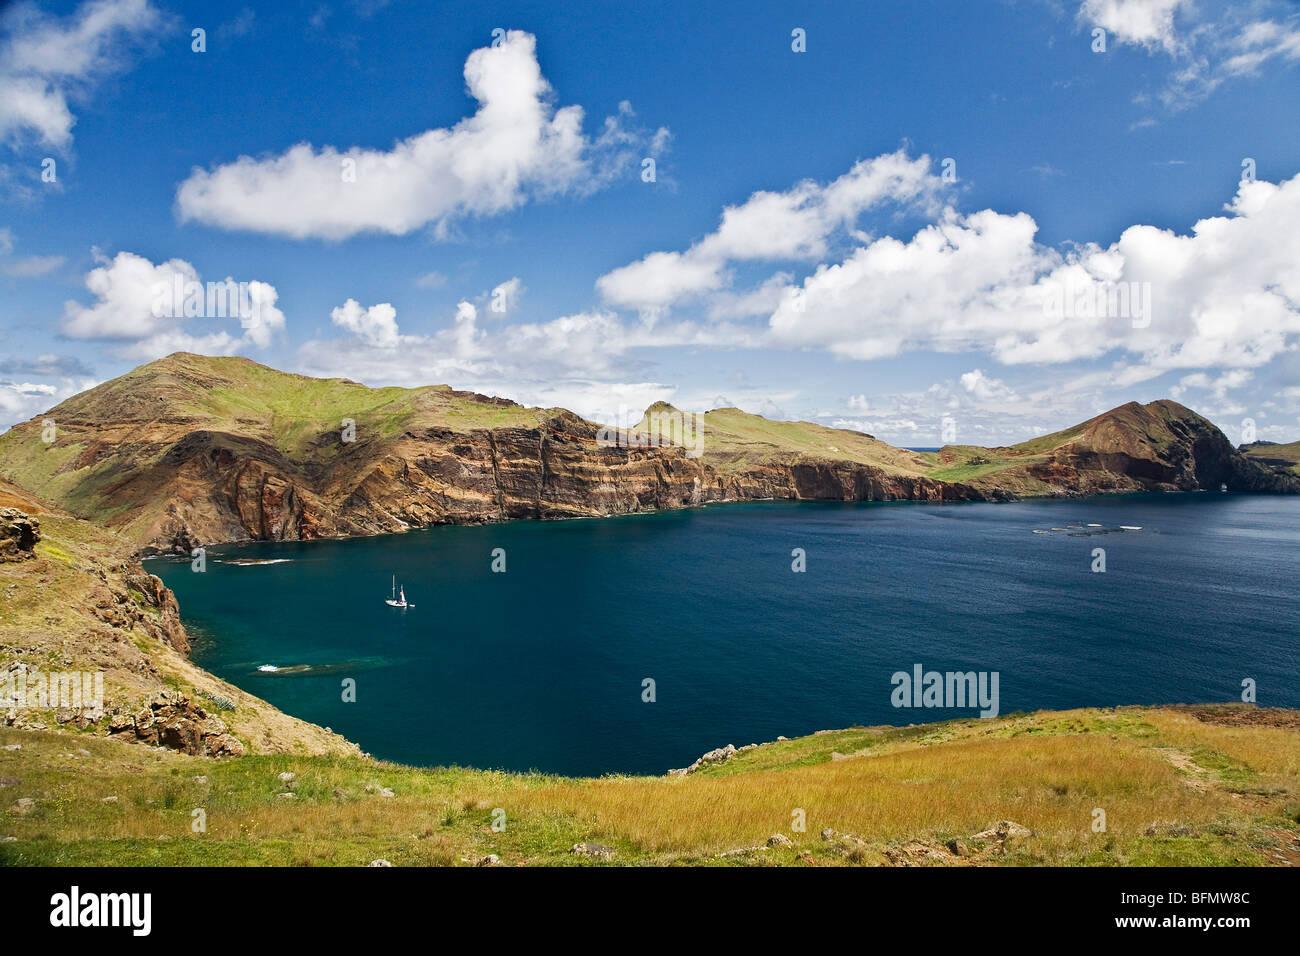 Il Portogallo, Ilha, da Madeira, Funchal, conico. La spettacolare costa rocciosa di conico. Immagini Stock